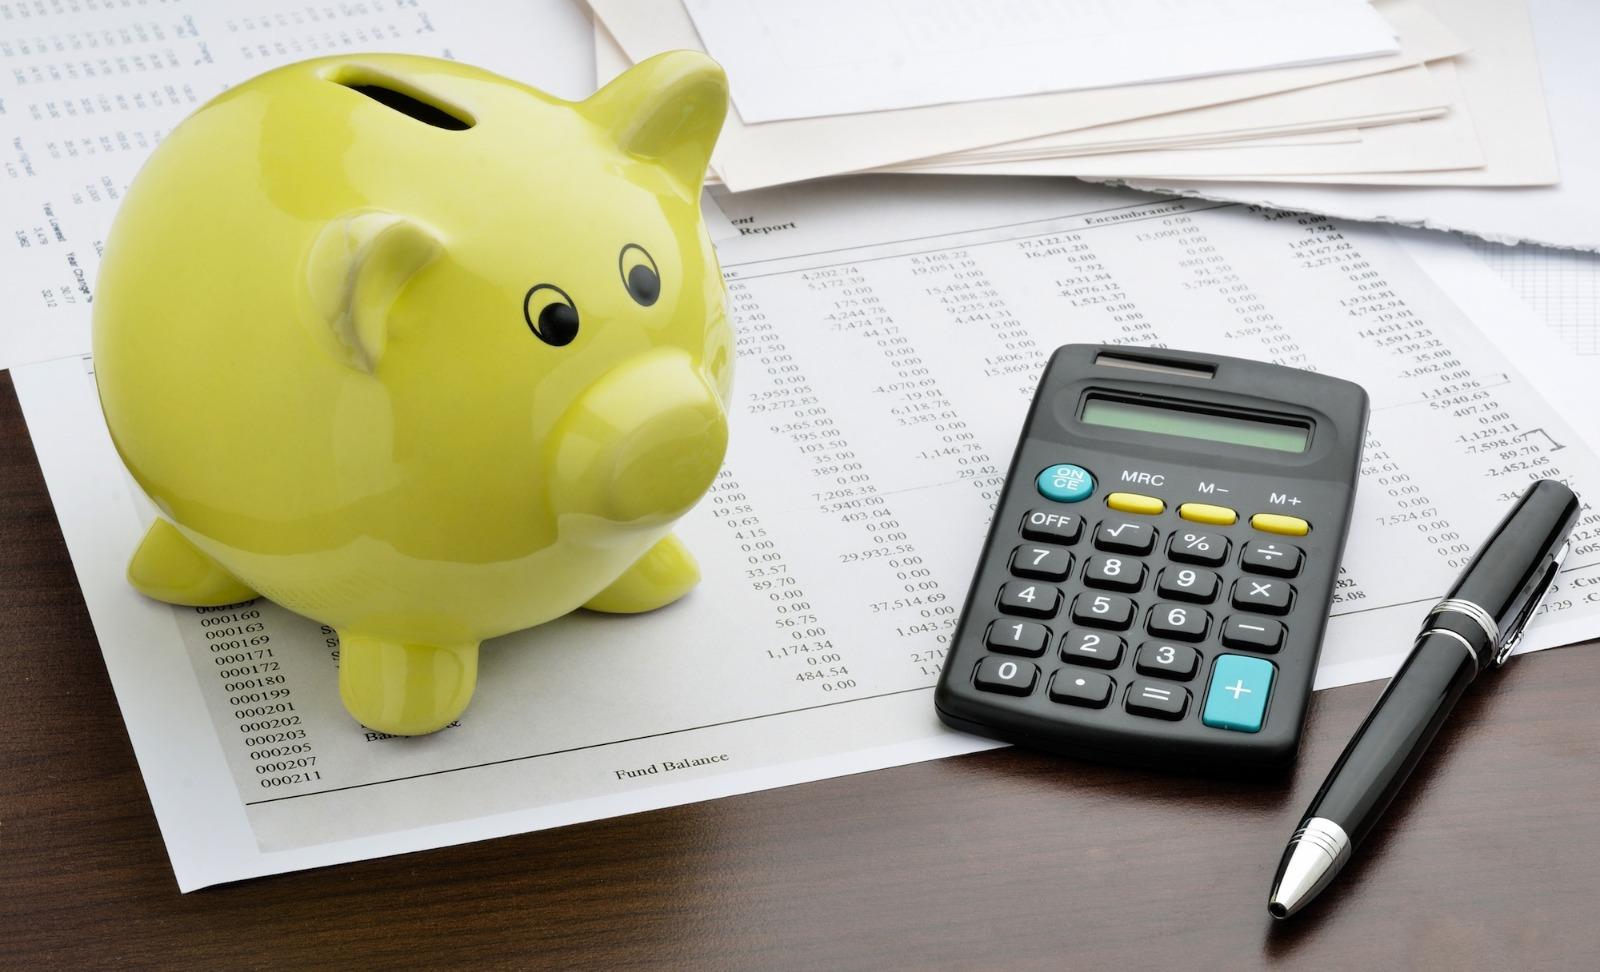 Aprende a realizar un presupuesto personal y sin arruinarte en el intento